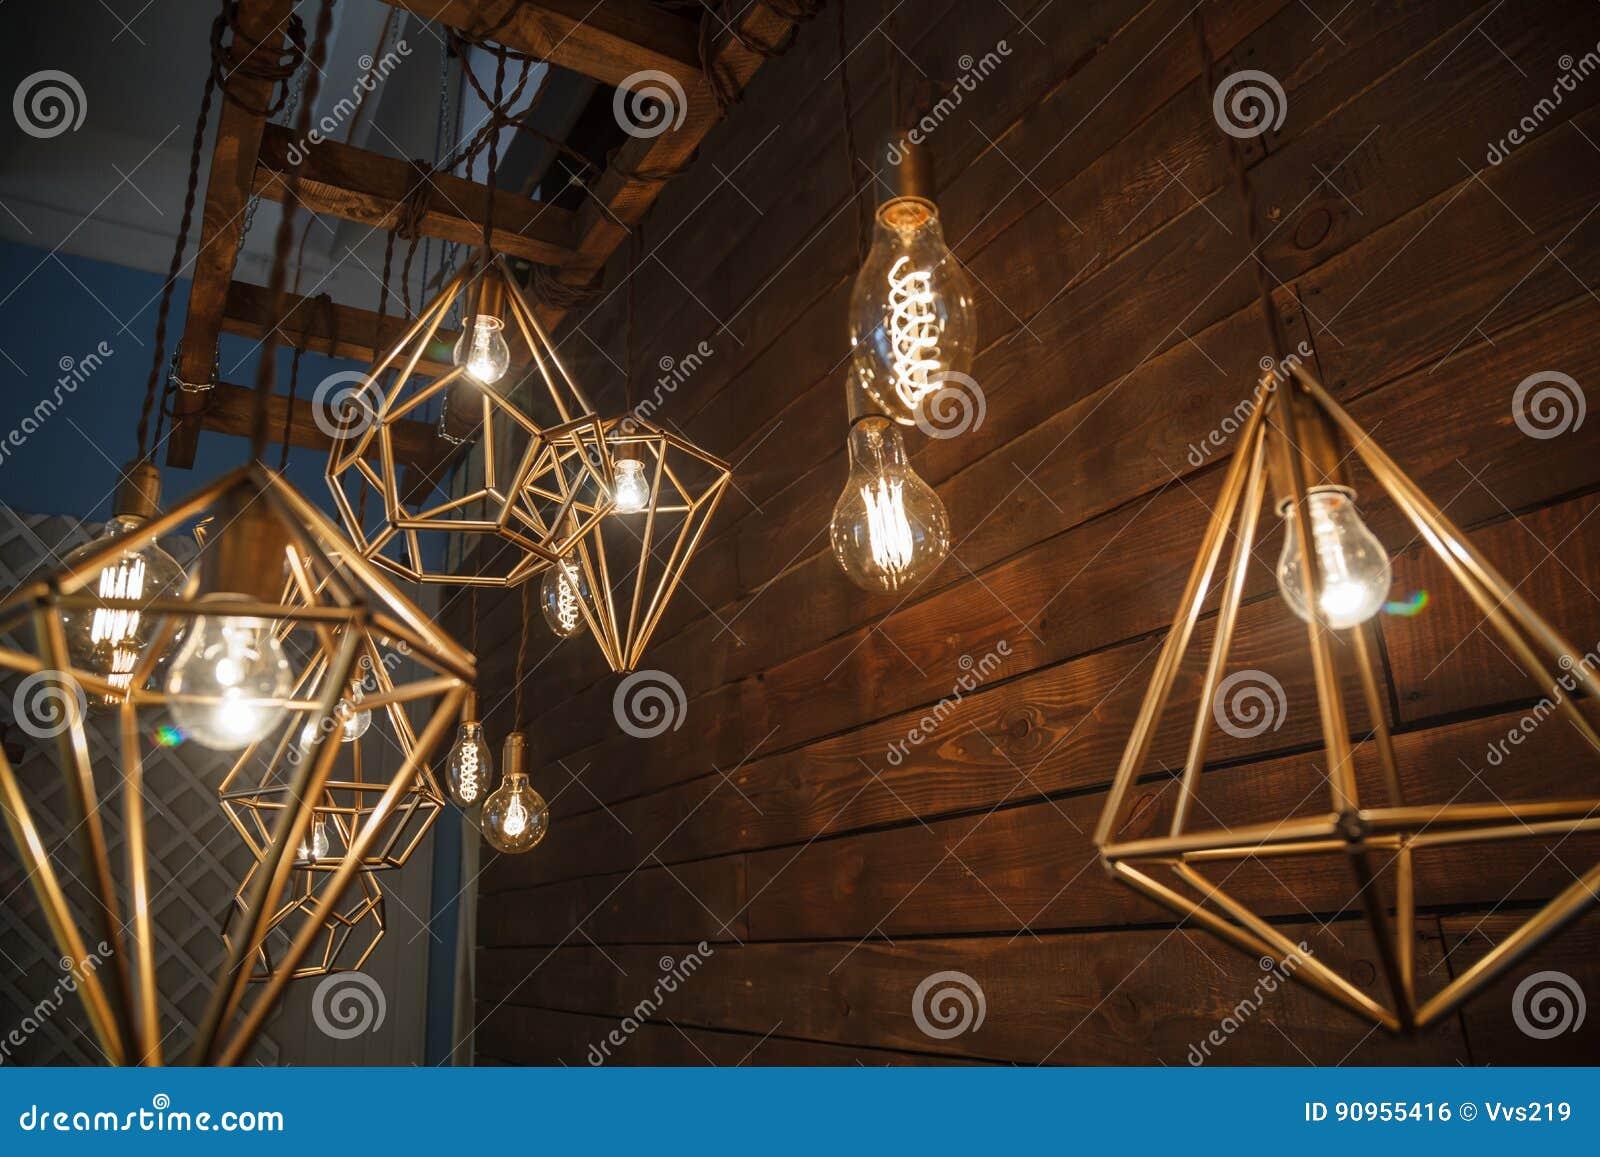 Moderne Lampen 16 : Weißglühende retro lampen in einer modernen art edison lampe